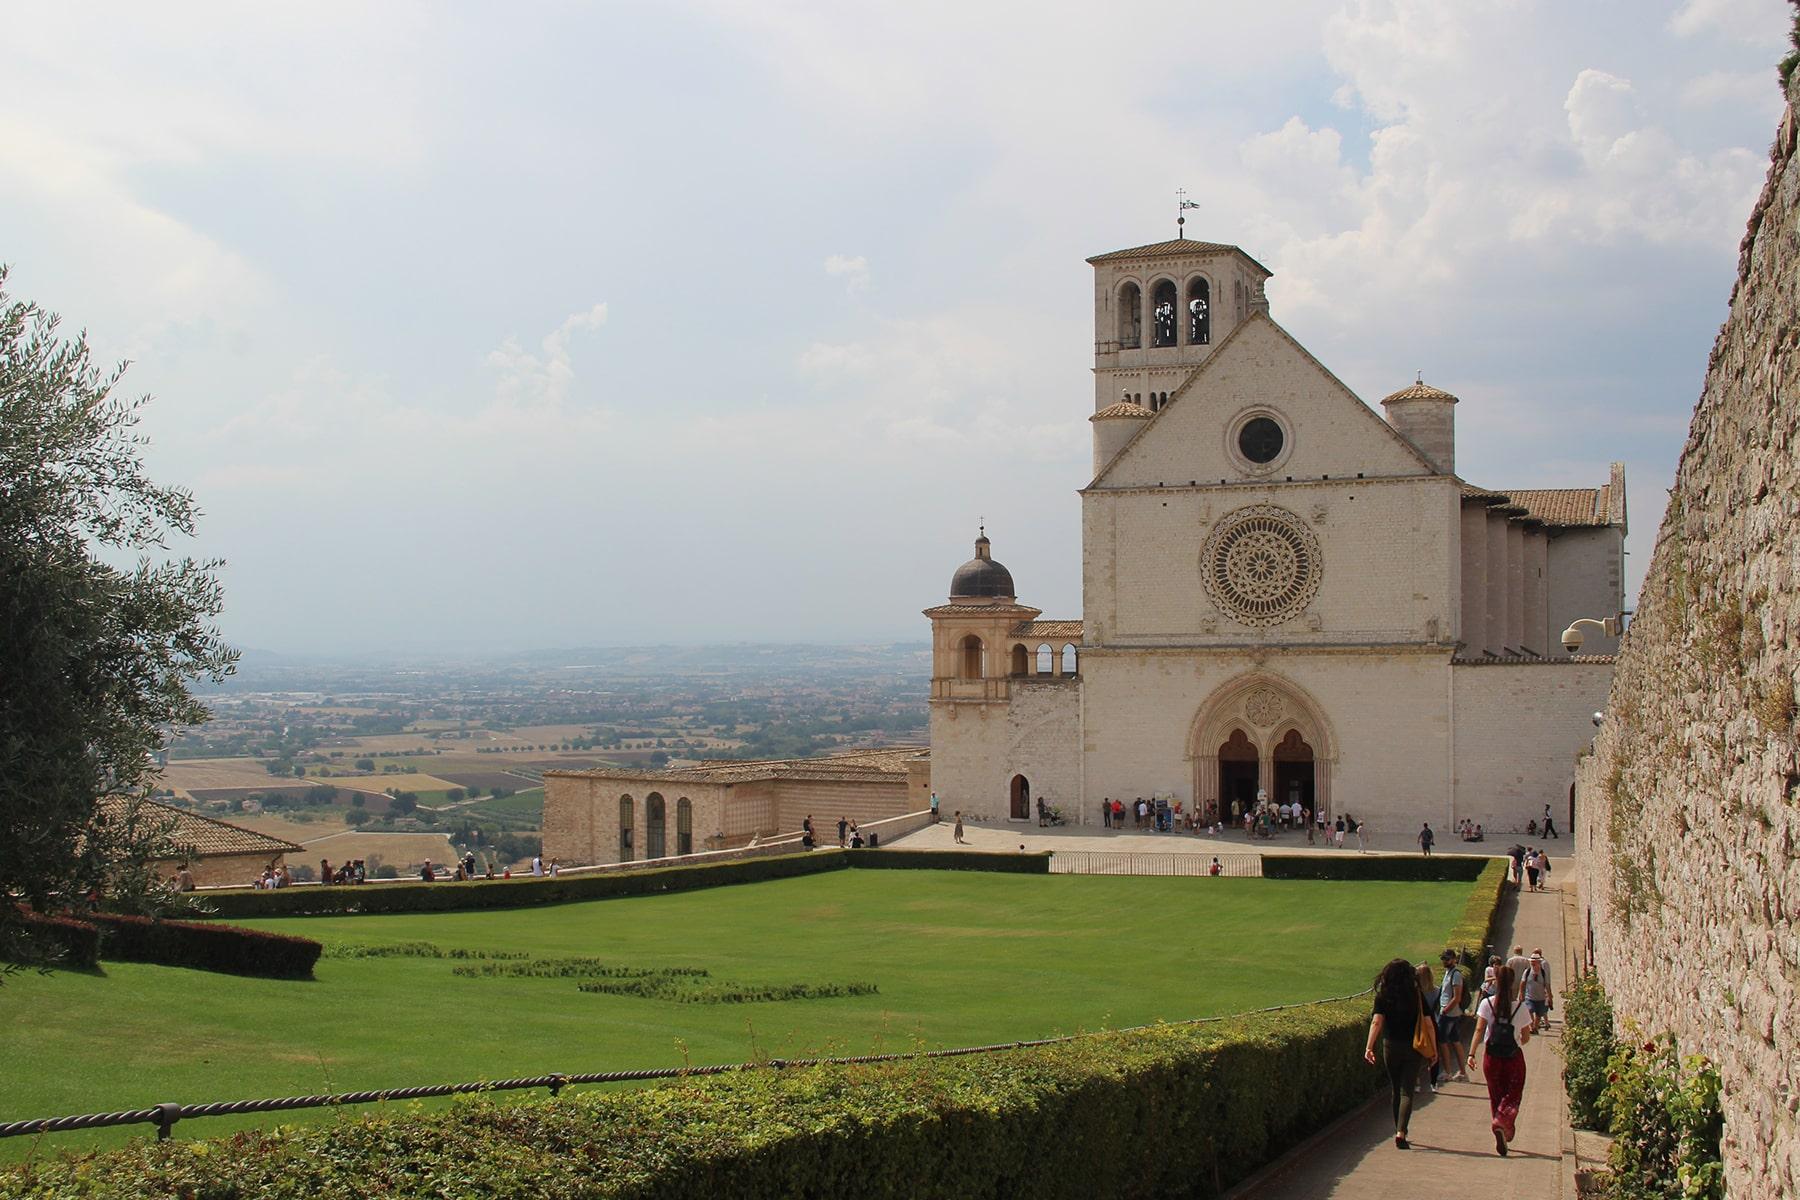 Basilica Saint Francis Assisi